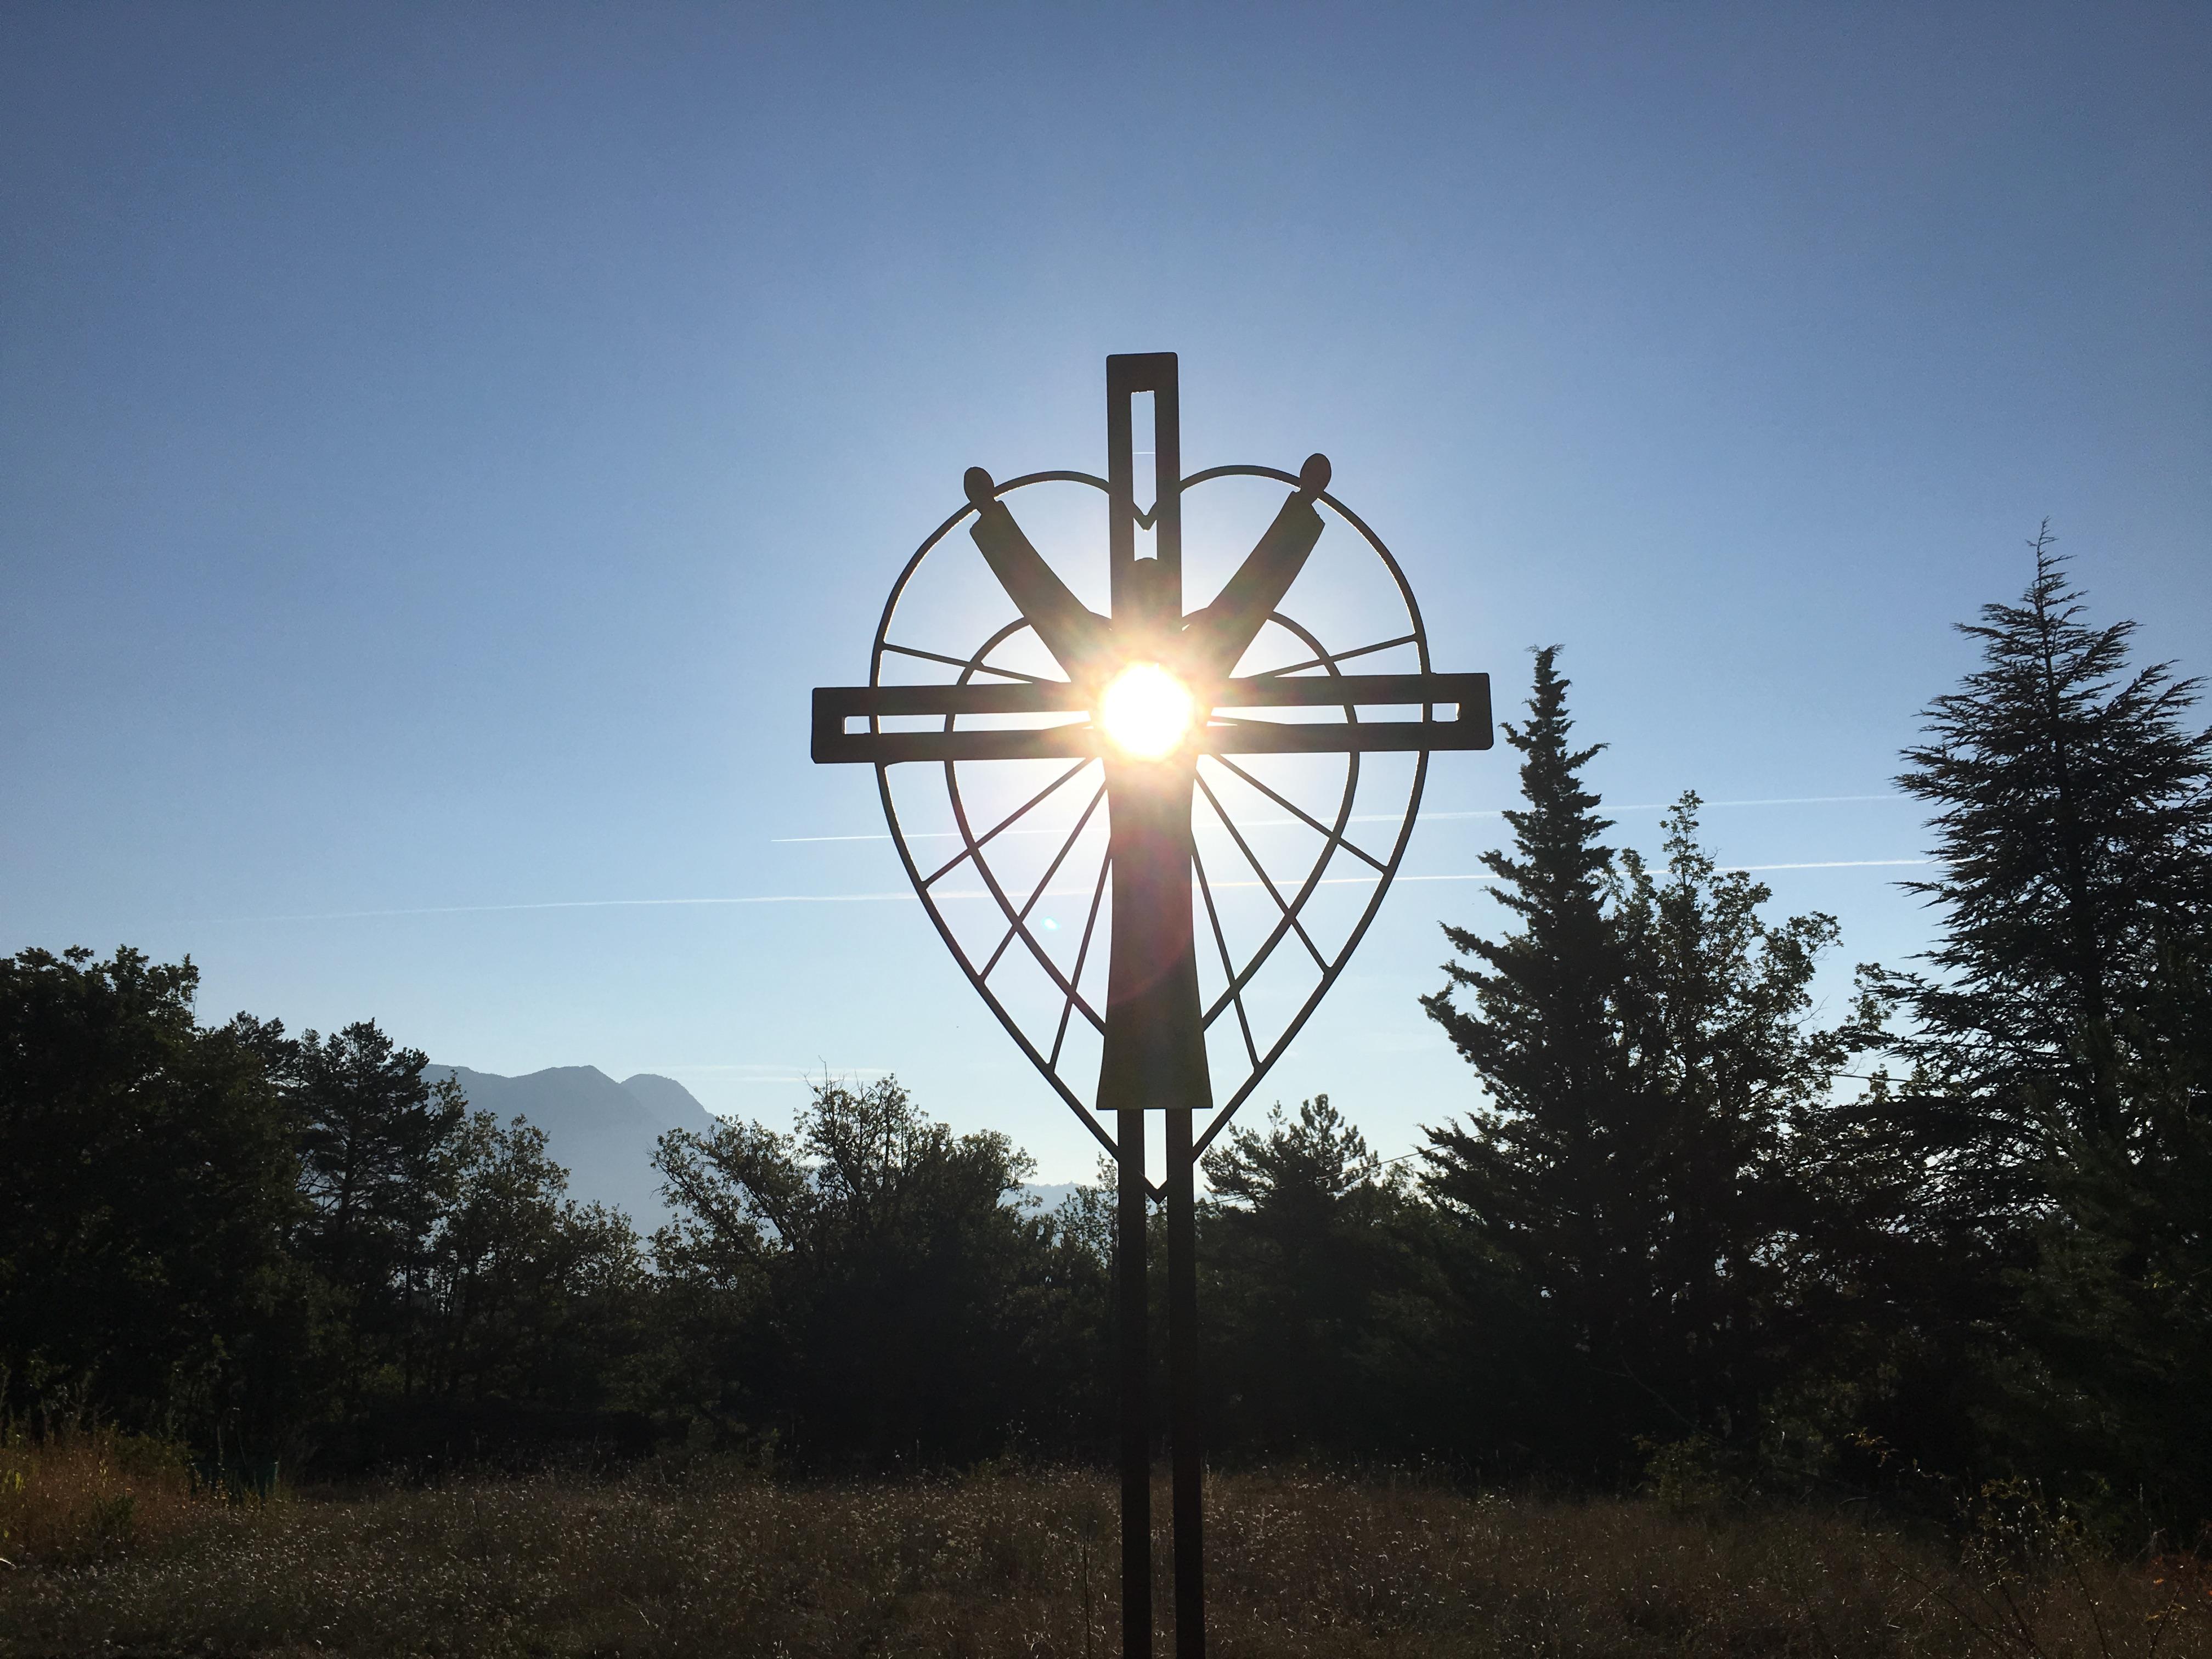 Gros succès de la journée à l'occasion de la bénédiction de la Croix de Lumière à Curbans